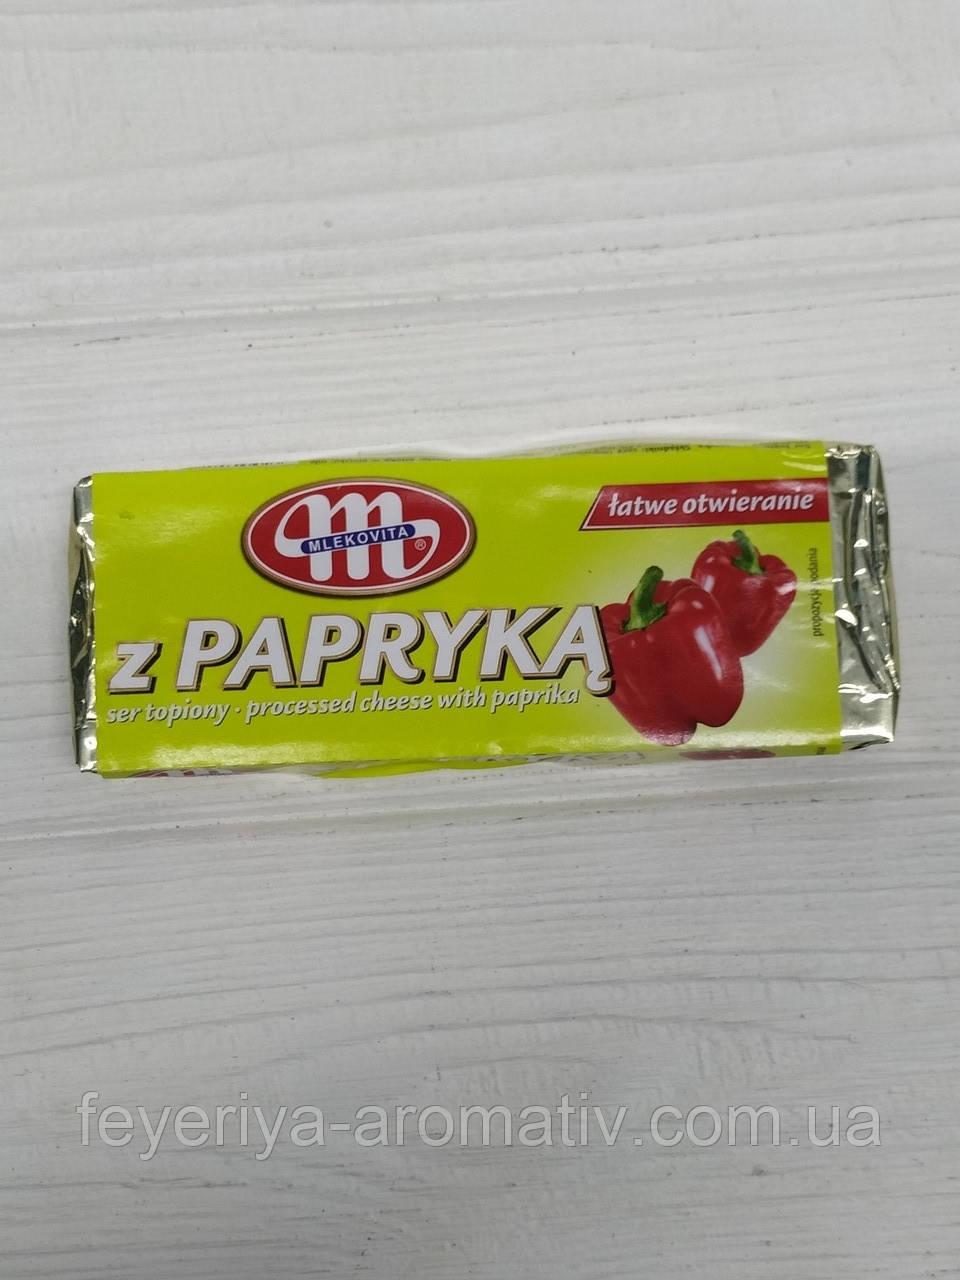 Сырок плавленый Mlekovita 100гр (Польша) z Papryka